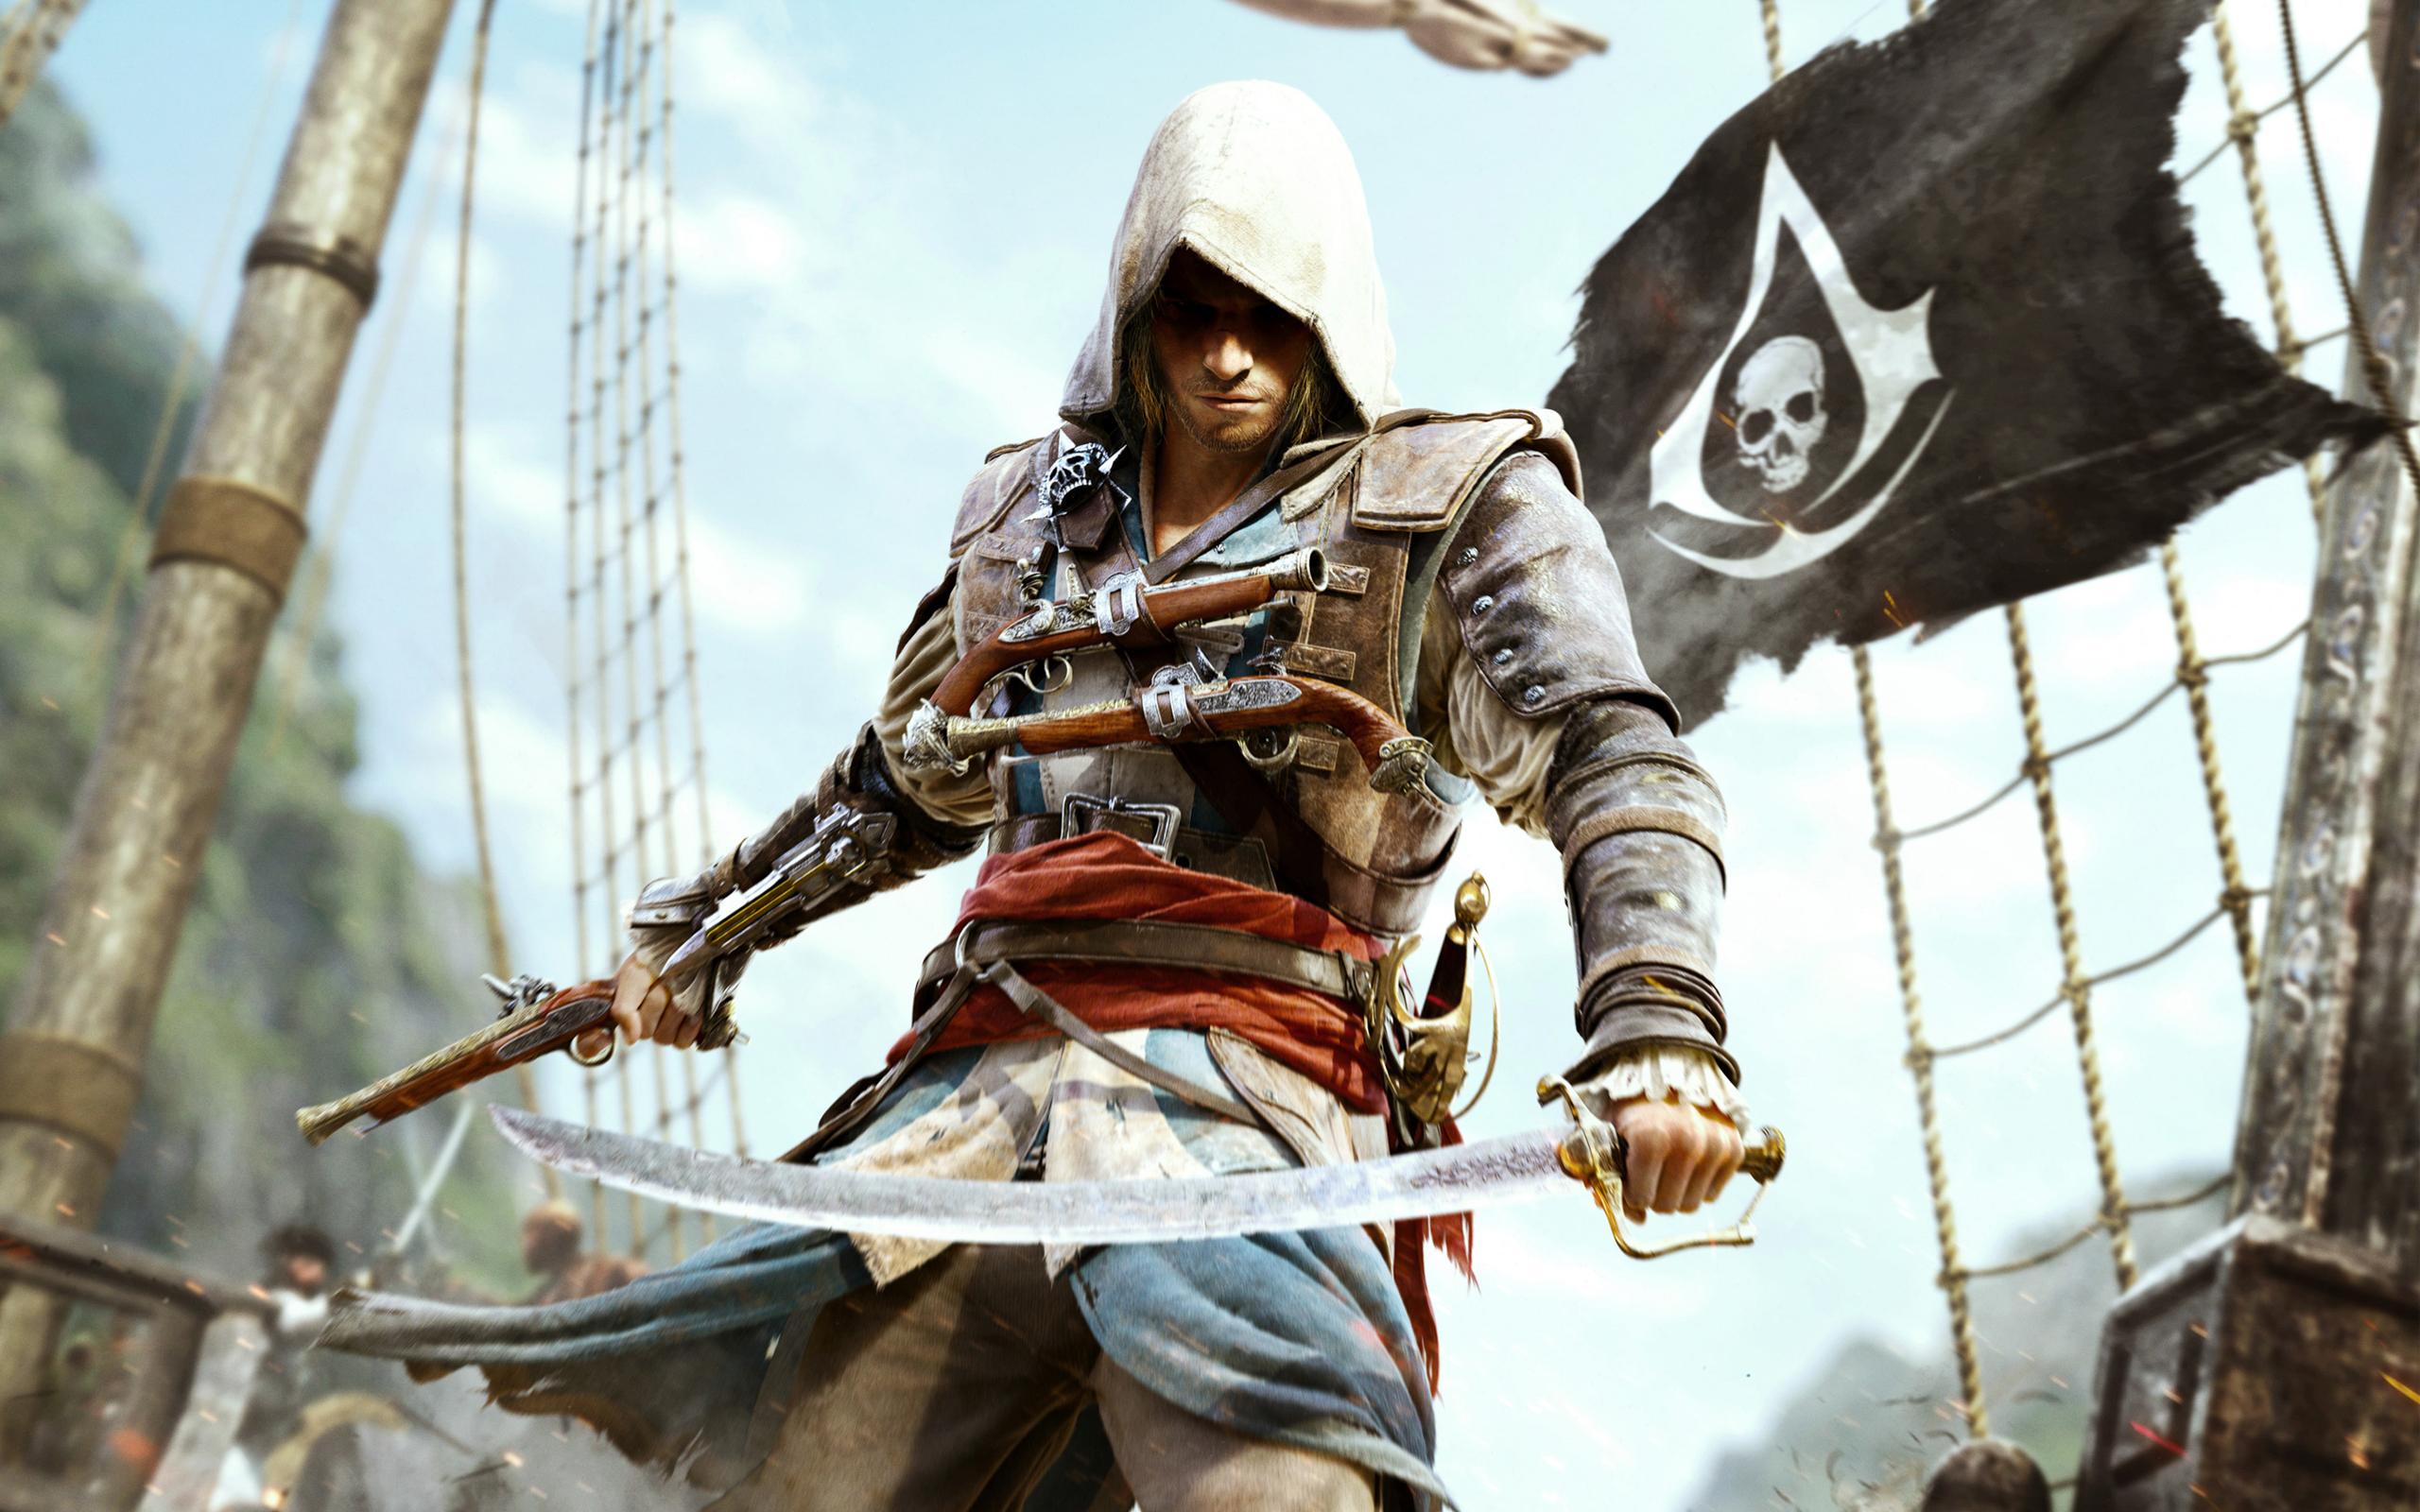 Эдвард Кенуэй в Assassin's Creed обои для рабочего стола, картинки...